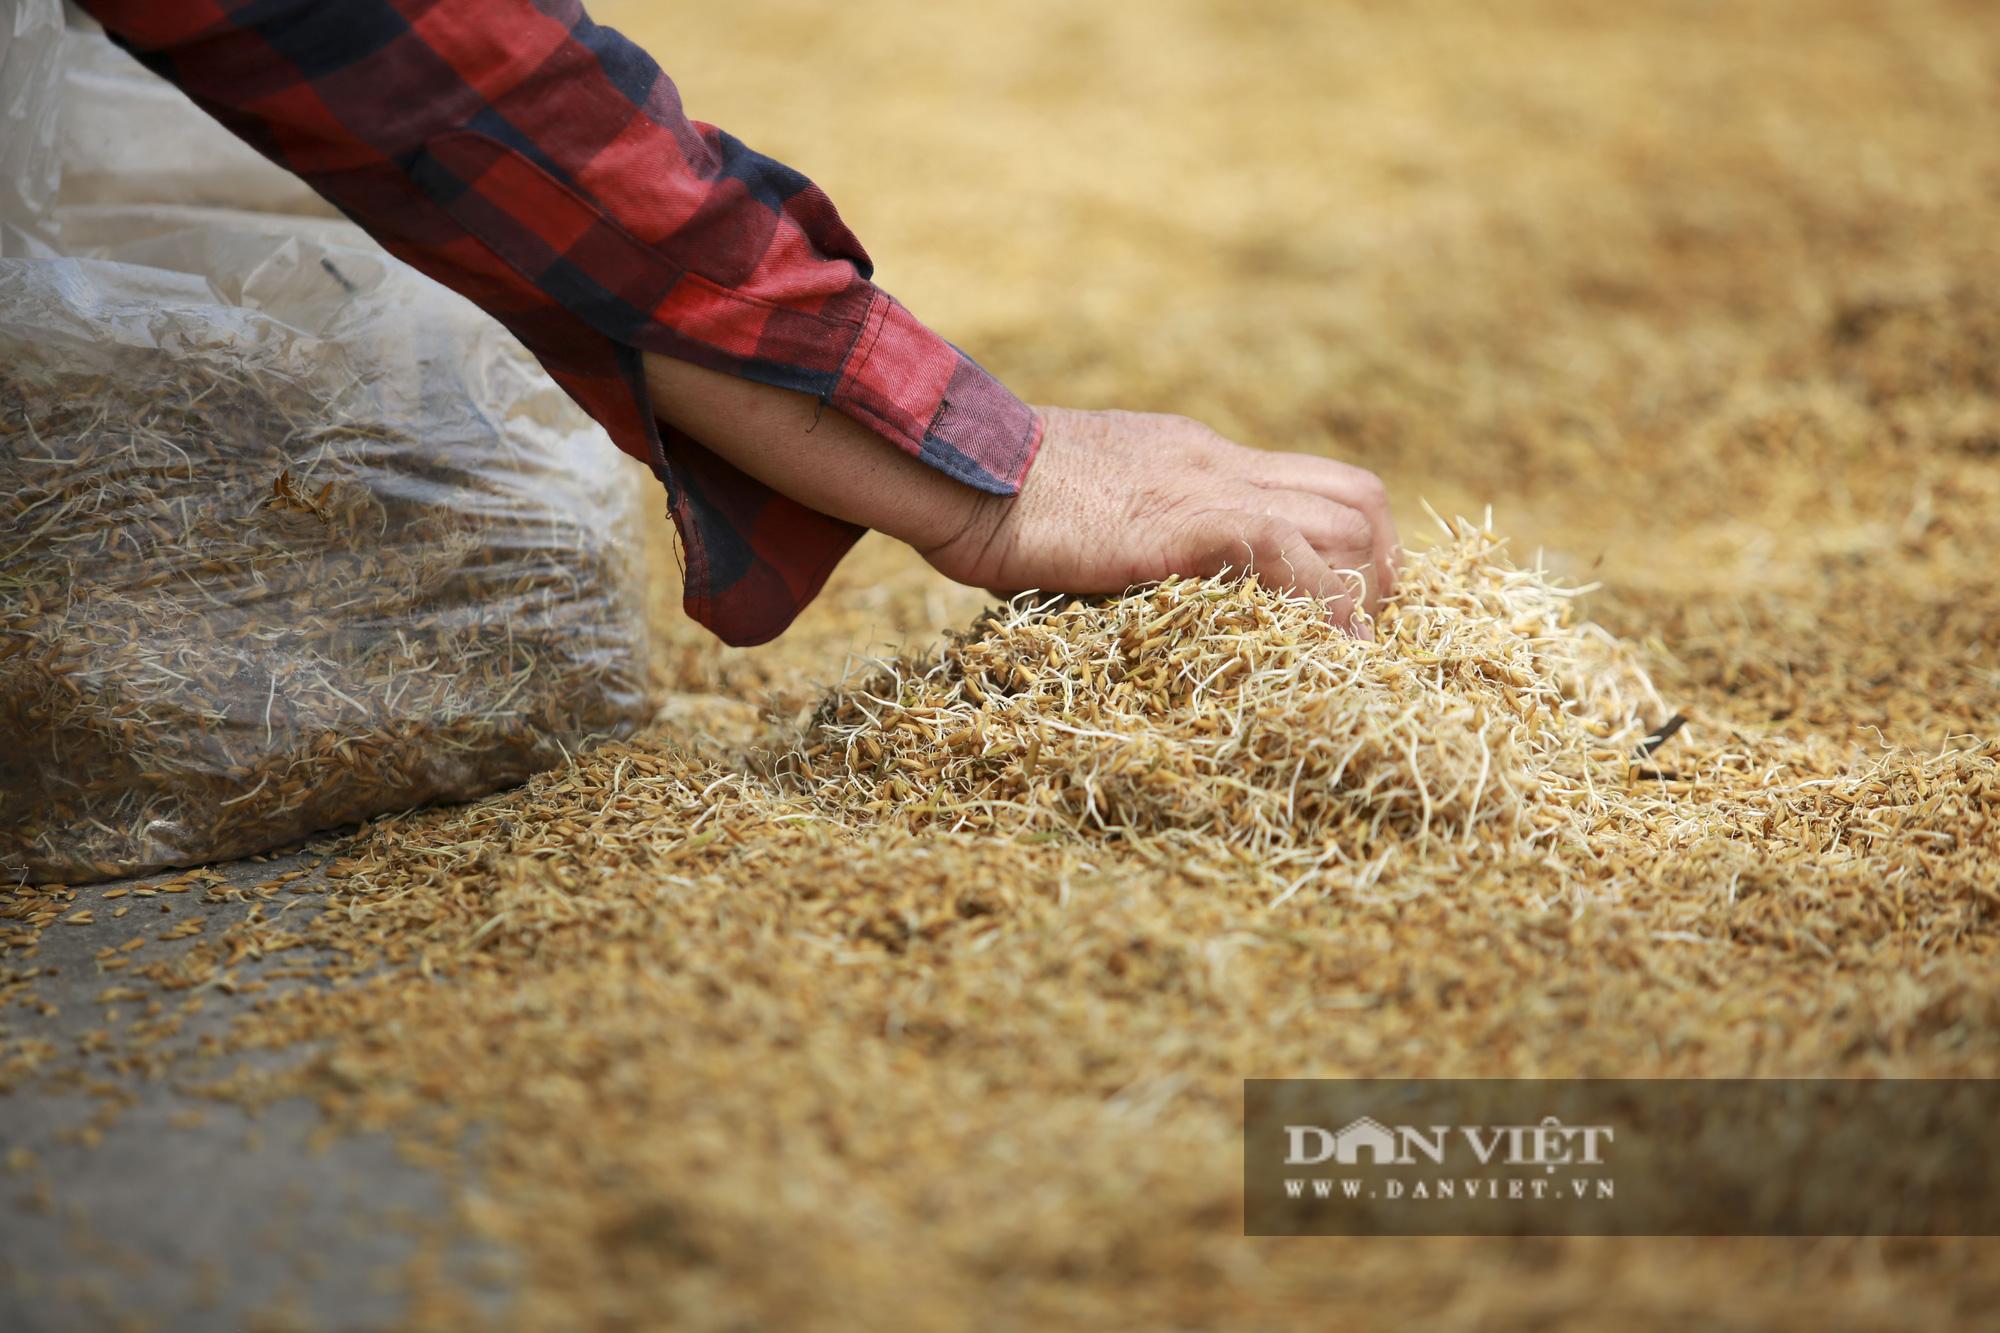 Hà Nội: Nông dân bất lực nhìn lúa mọc mầm vì mưa liên tiếp - Ảnh 3.